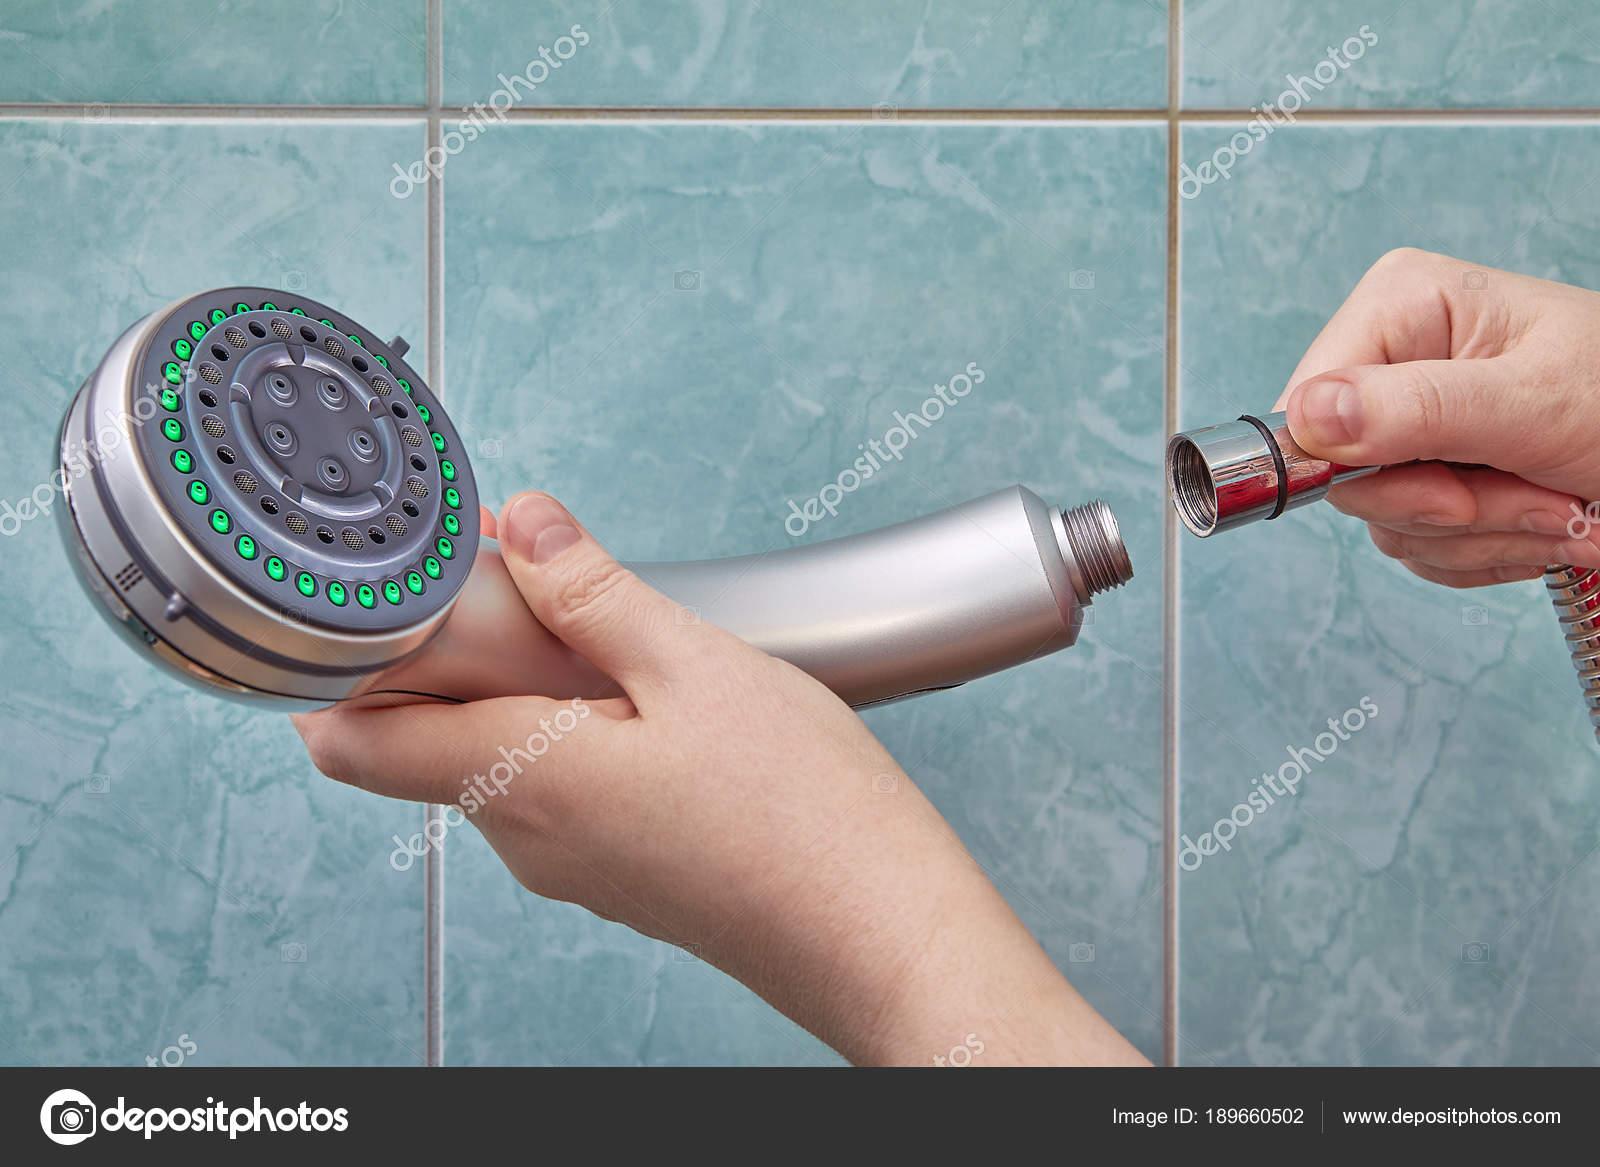 Sanitair reparatie in badkamer, vervanging van douchekop — Stockfoto ...